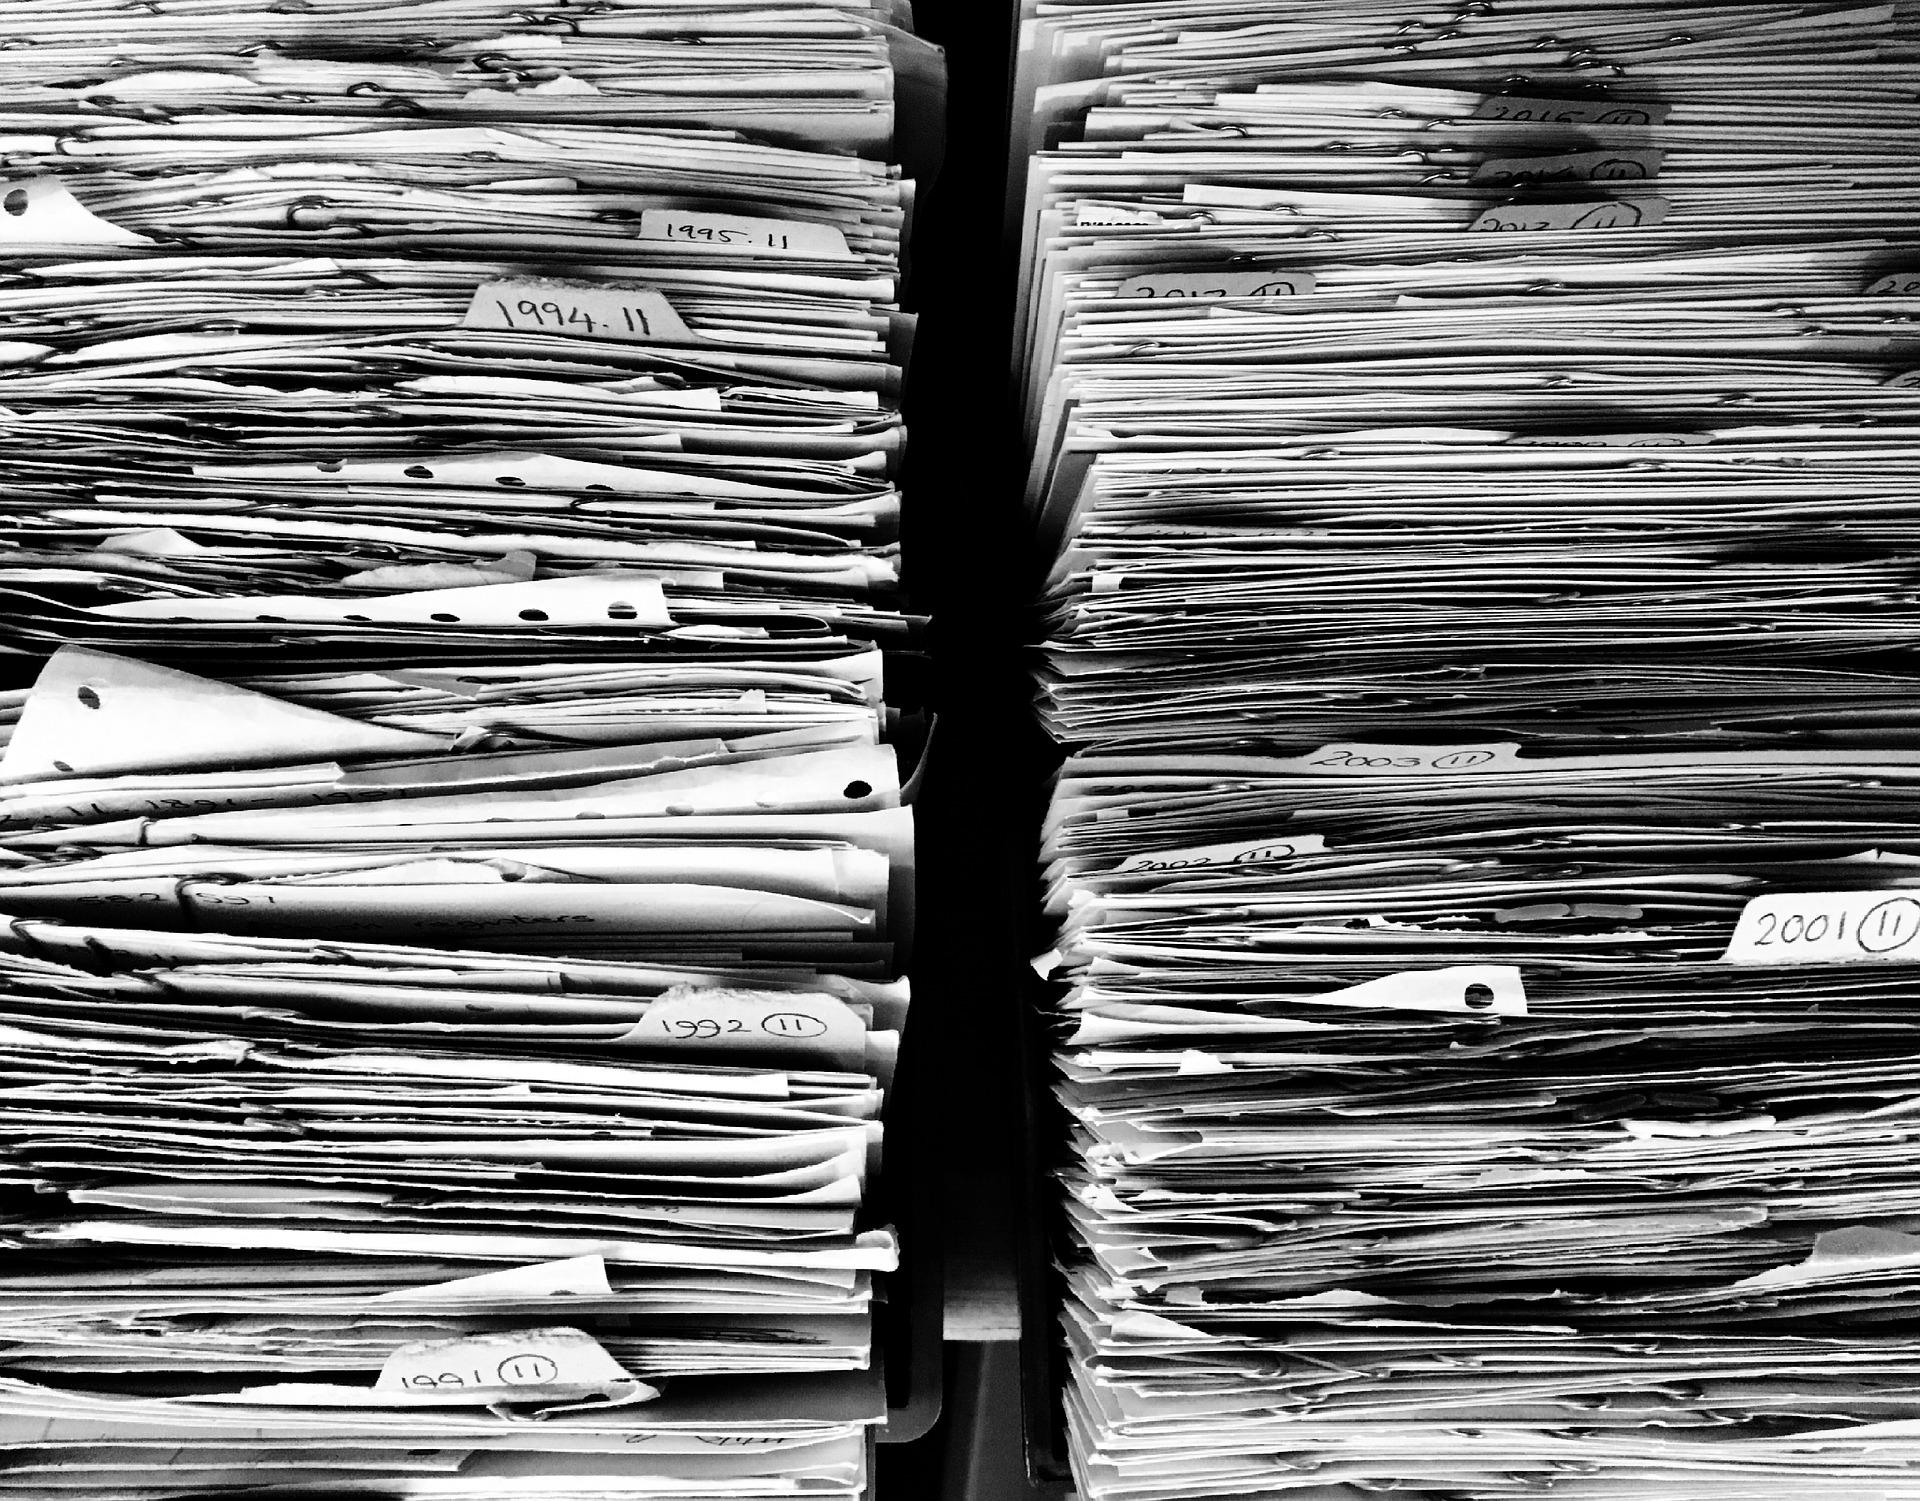 Archiviazione documenti cartacei: l'aiuto che ti serve!